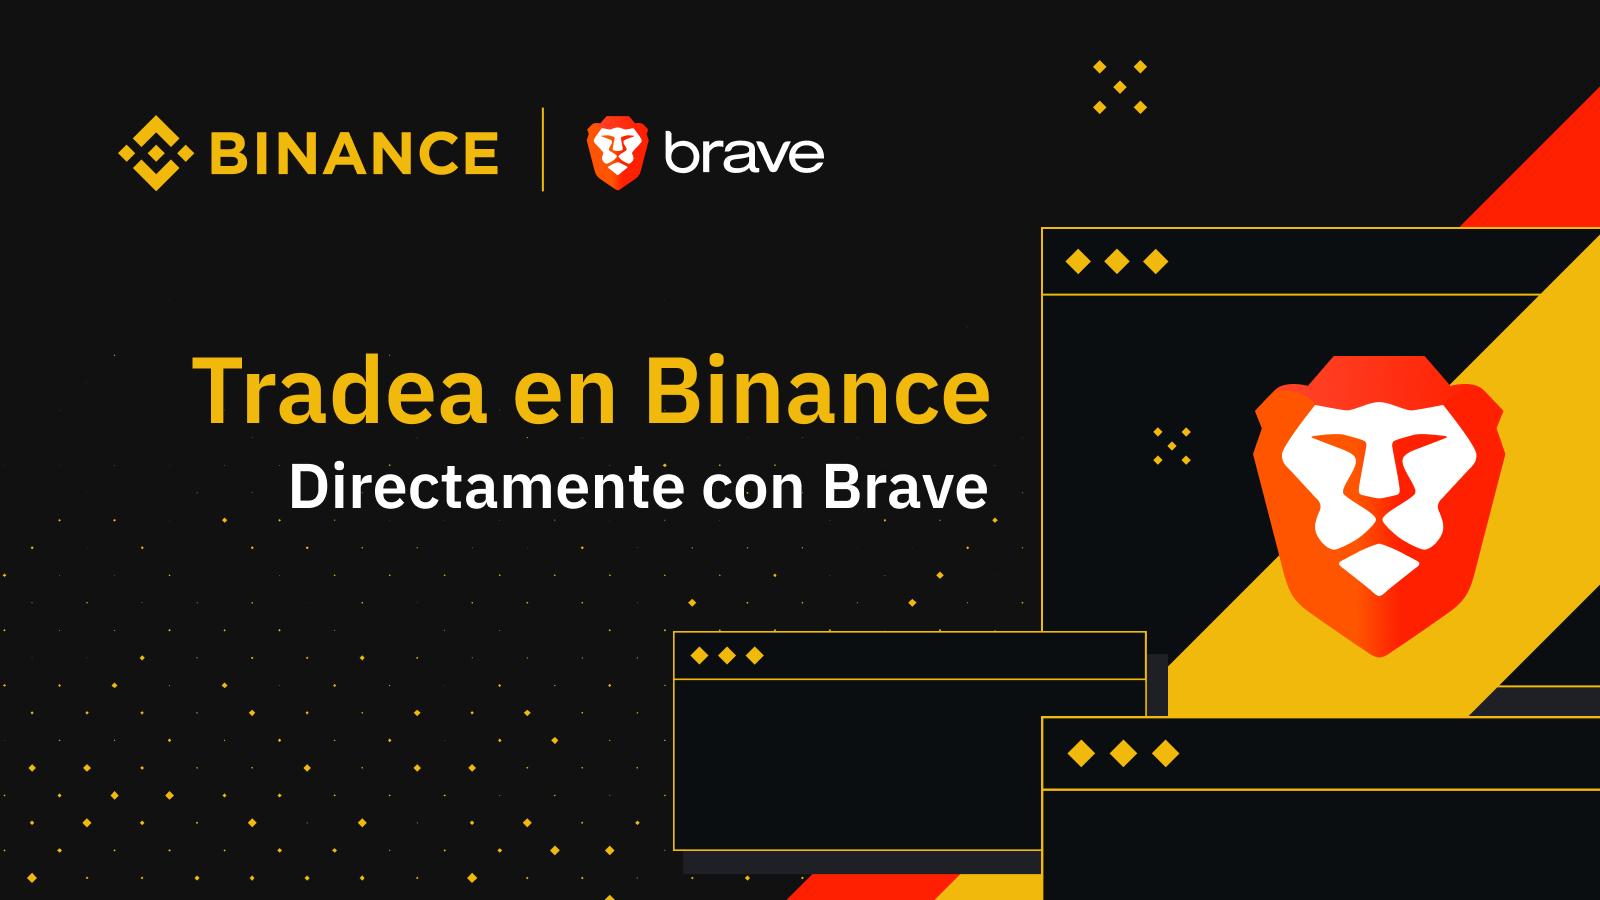 Brave añade una aplicación sobre criptomonedas de Binance